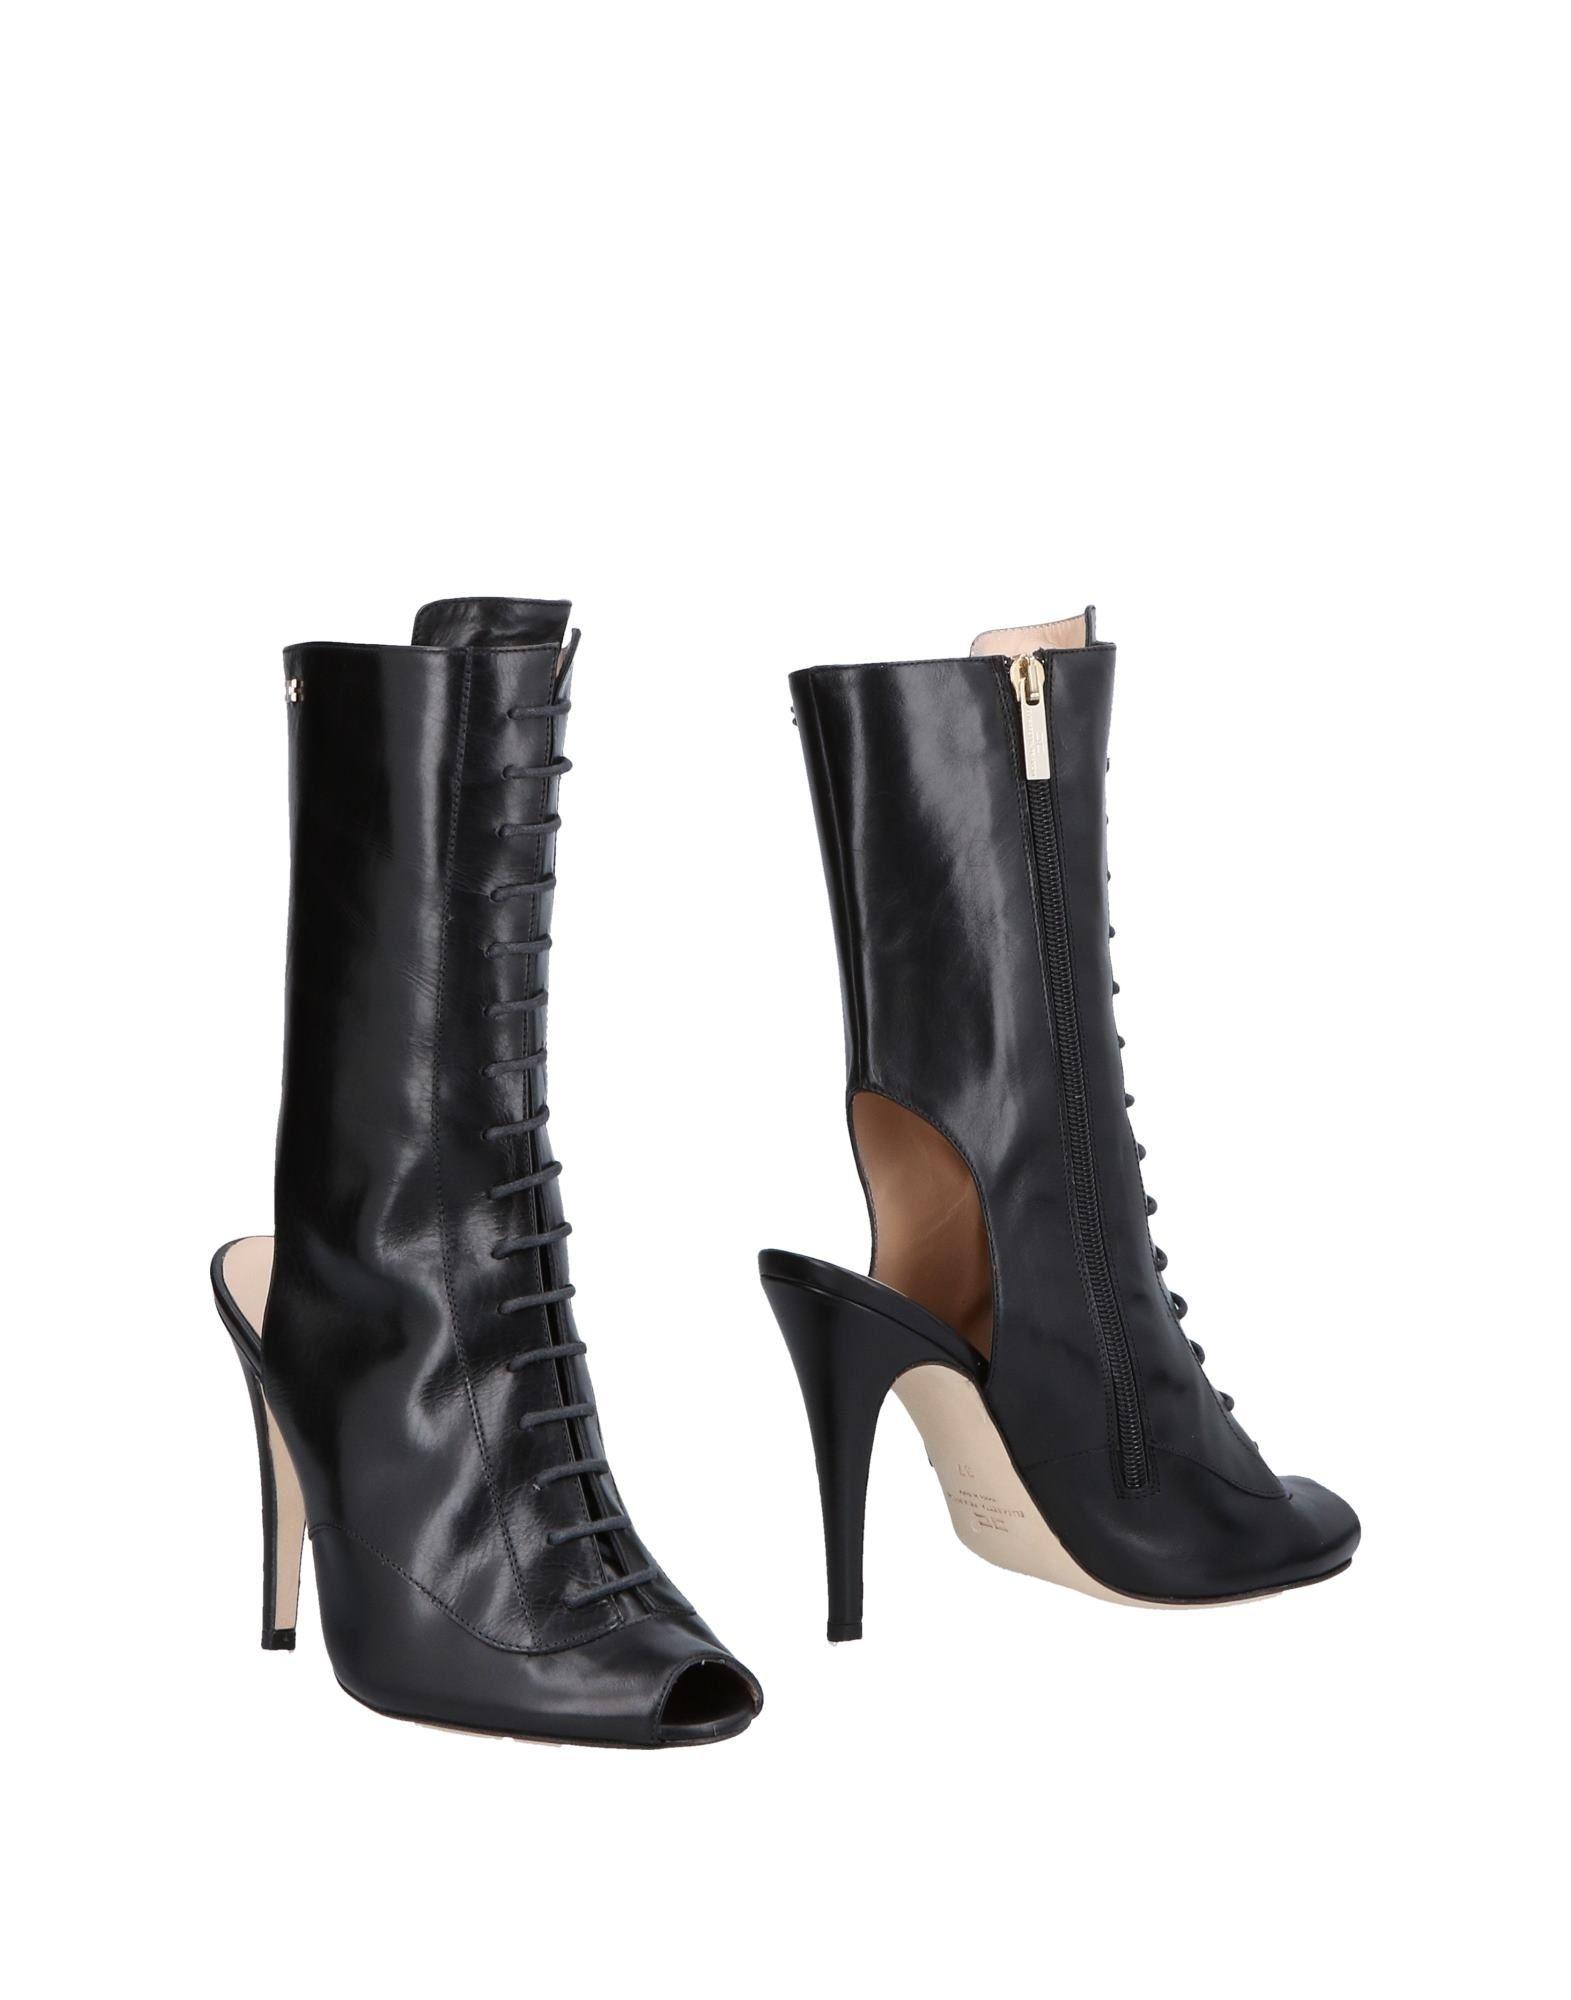 Elisabetta Franchi Stiefelette Damen Damen Stiefelette  11244622GHGünstige gut aussehende Schuhe e6f8f1